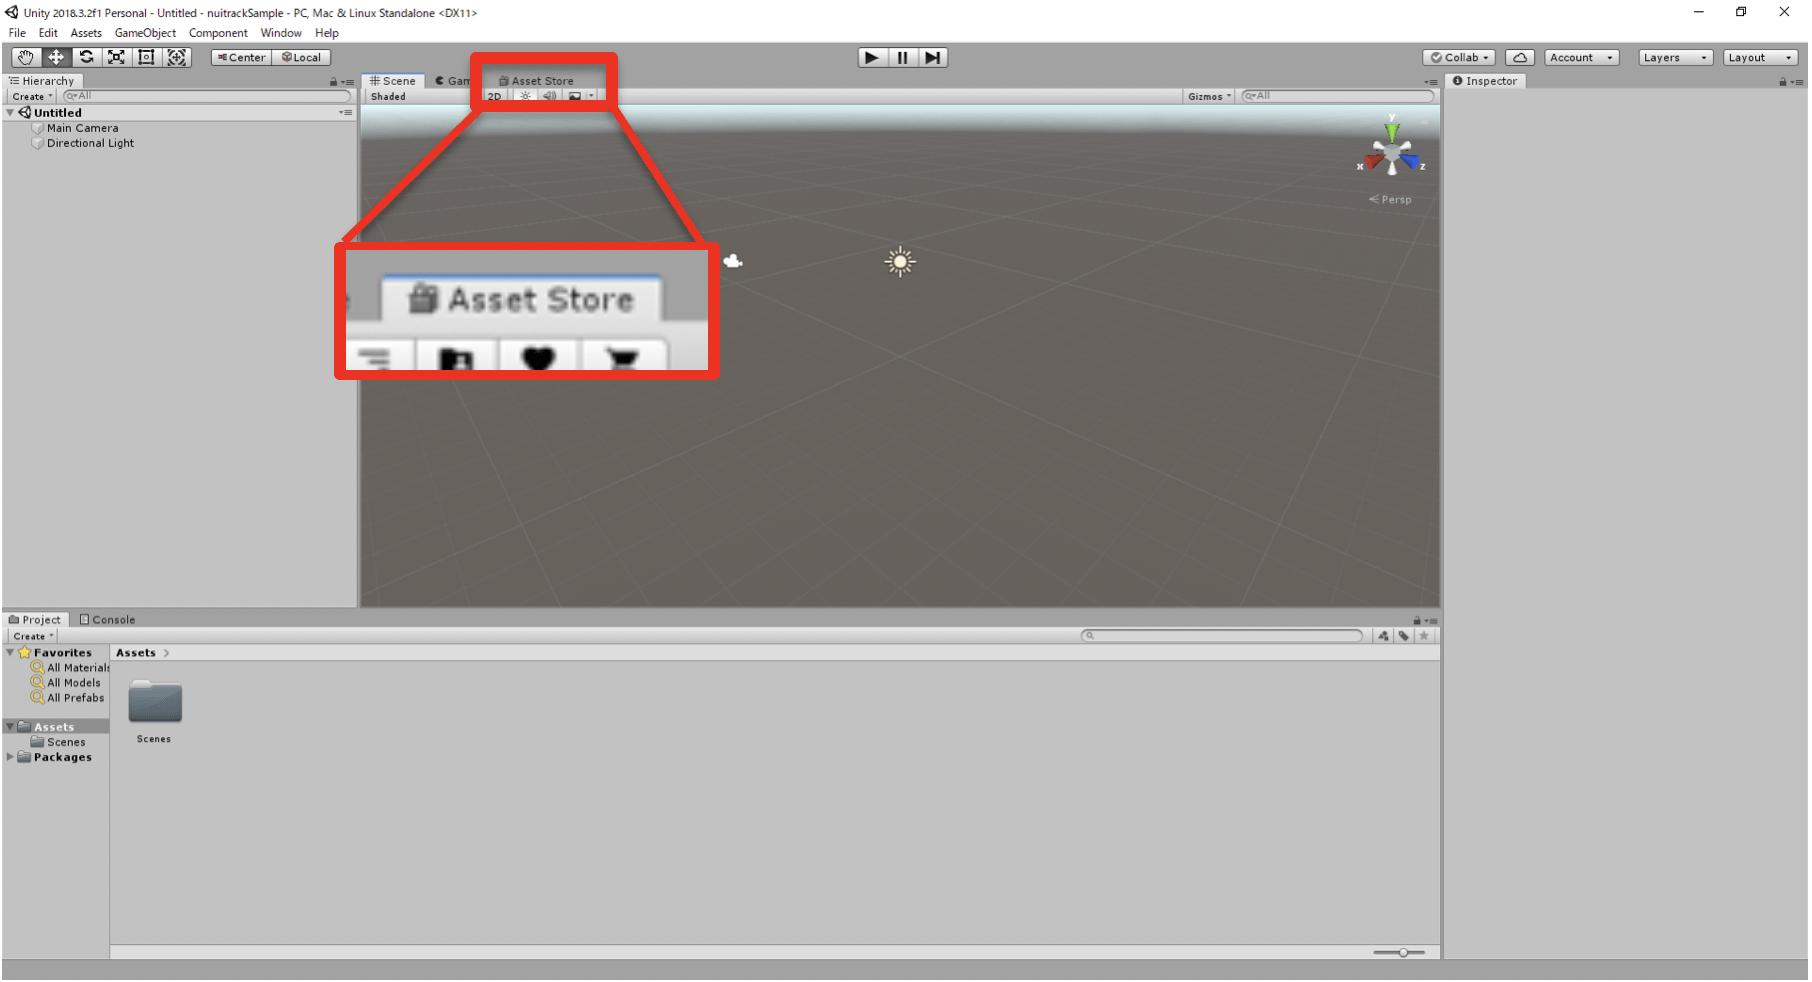 画面上部の「Asset Store」タブをクリック